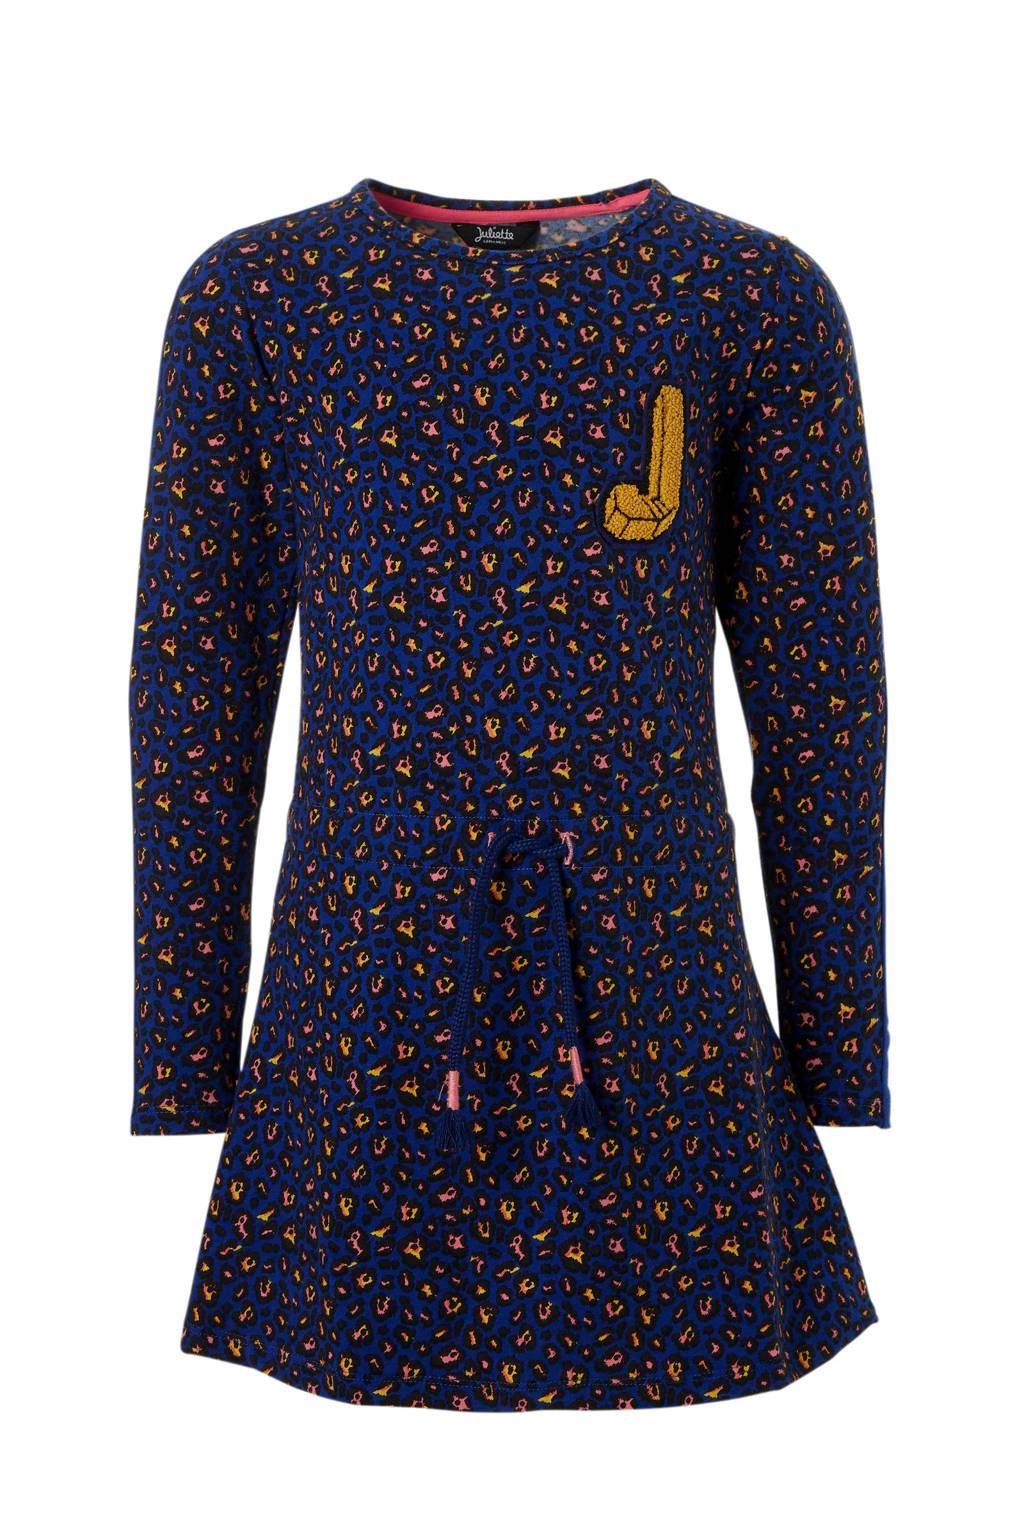 1cda41163fae2e Little Miss Juliette jurk met panterprint blauw